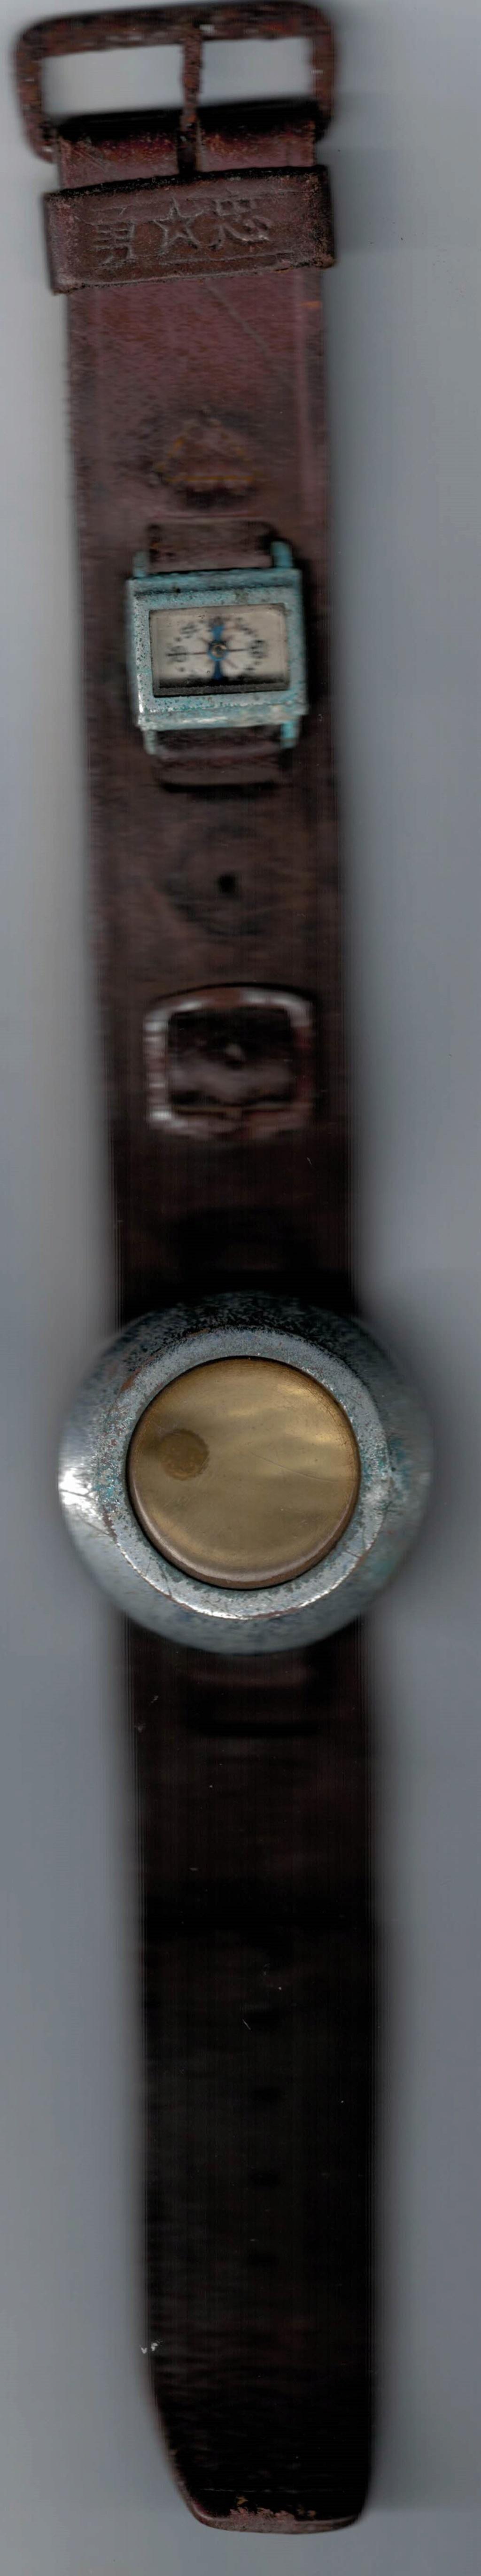 Bracelet cuir avec porte montre avec petite boussole. Montre10